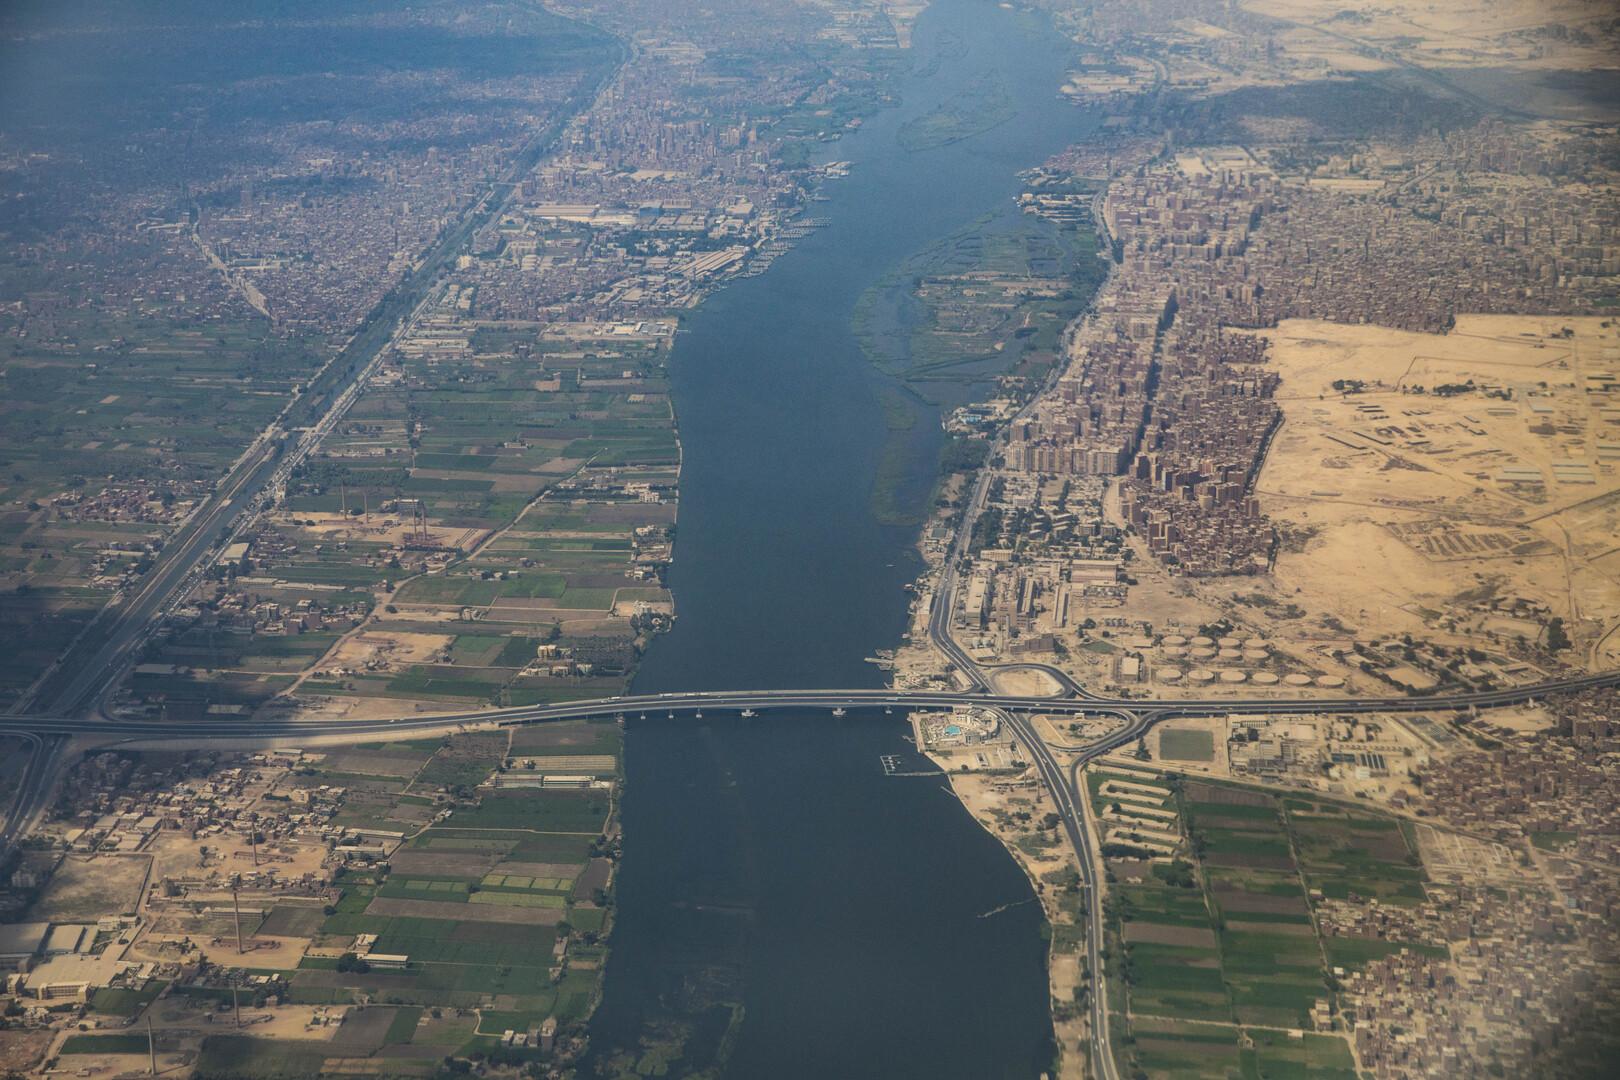 مصر.. مستشار وزير الري السابق يكشف مخاطر نقص مياه النيل على البلاد بعد عام 2040